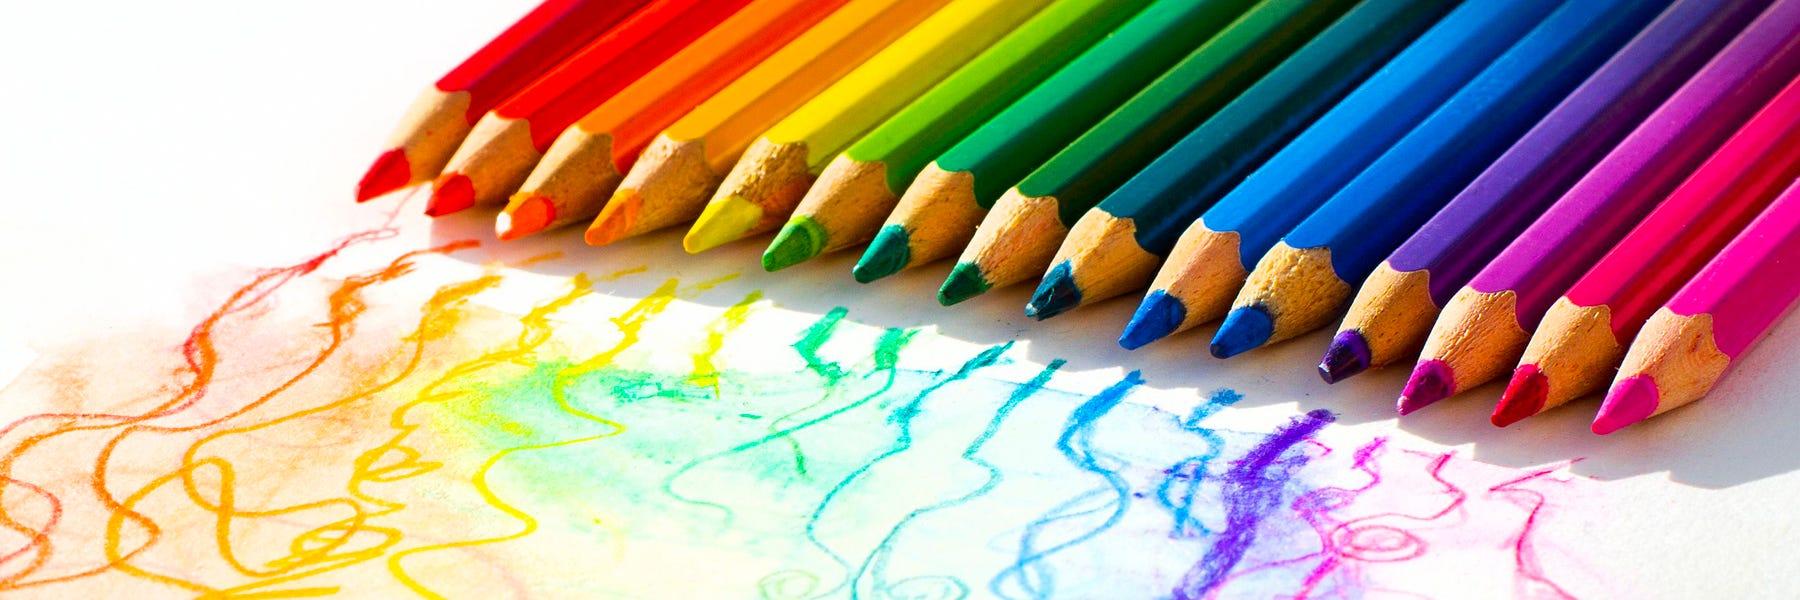 Färgpennor kulörer